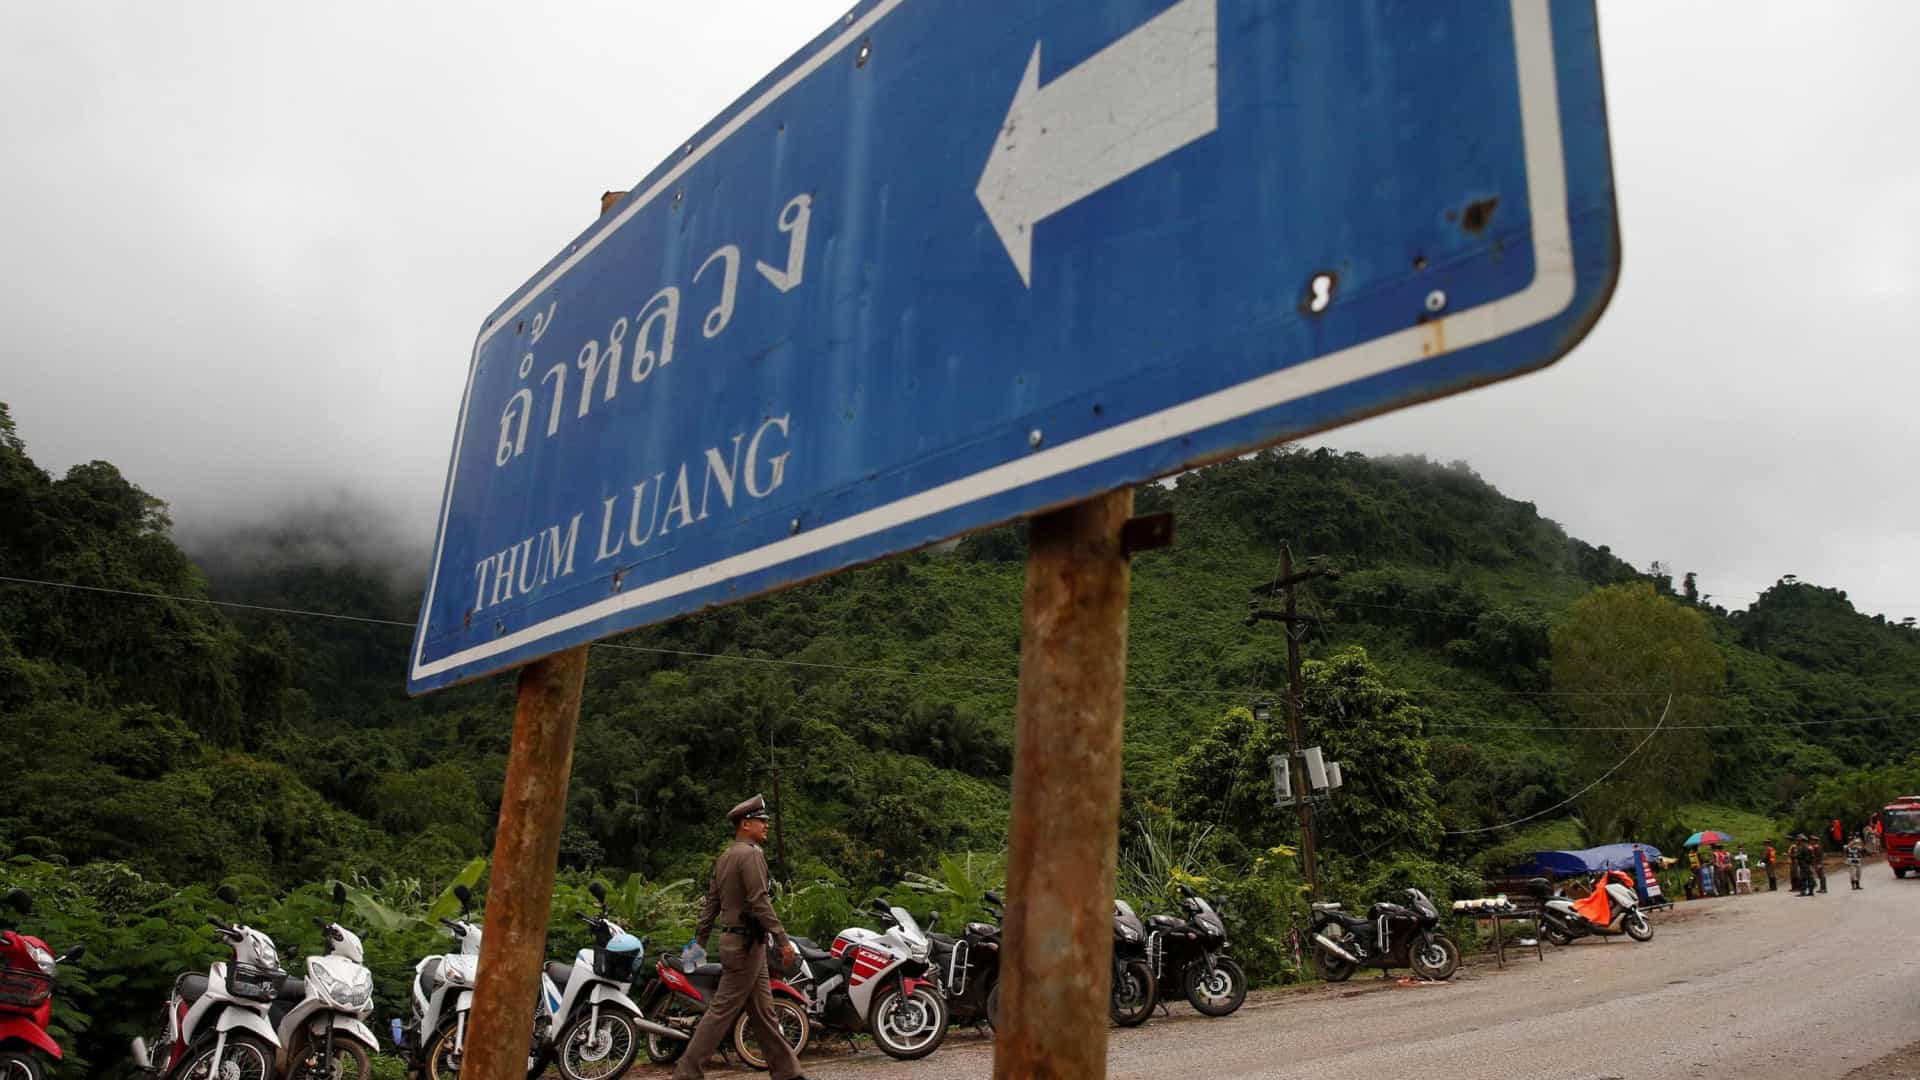 Produtores já planejam filme sobre resgate de meninos na Tailândia